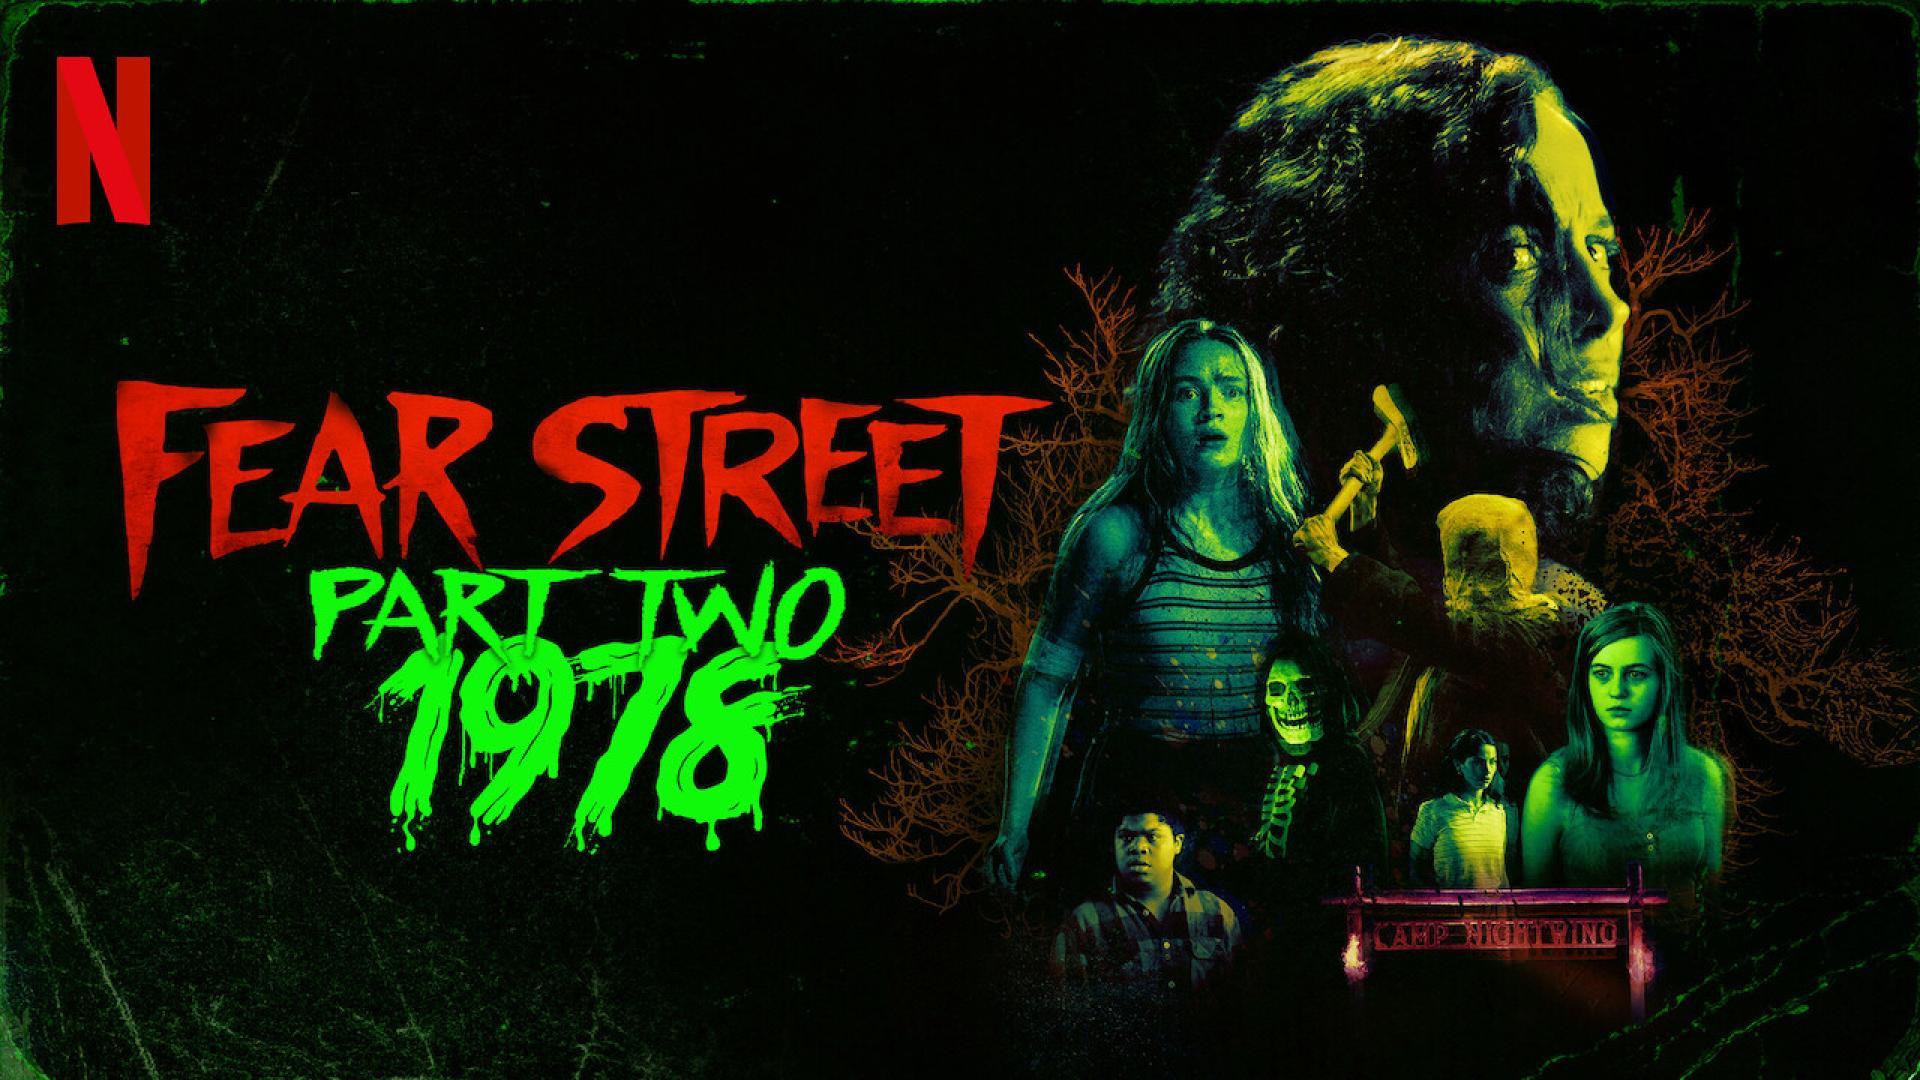 Fear Street: Part Two - 1978 / A félelem utcája 2. rész: 1978 (2021)